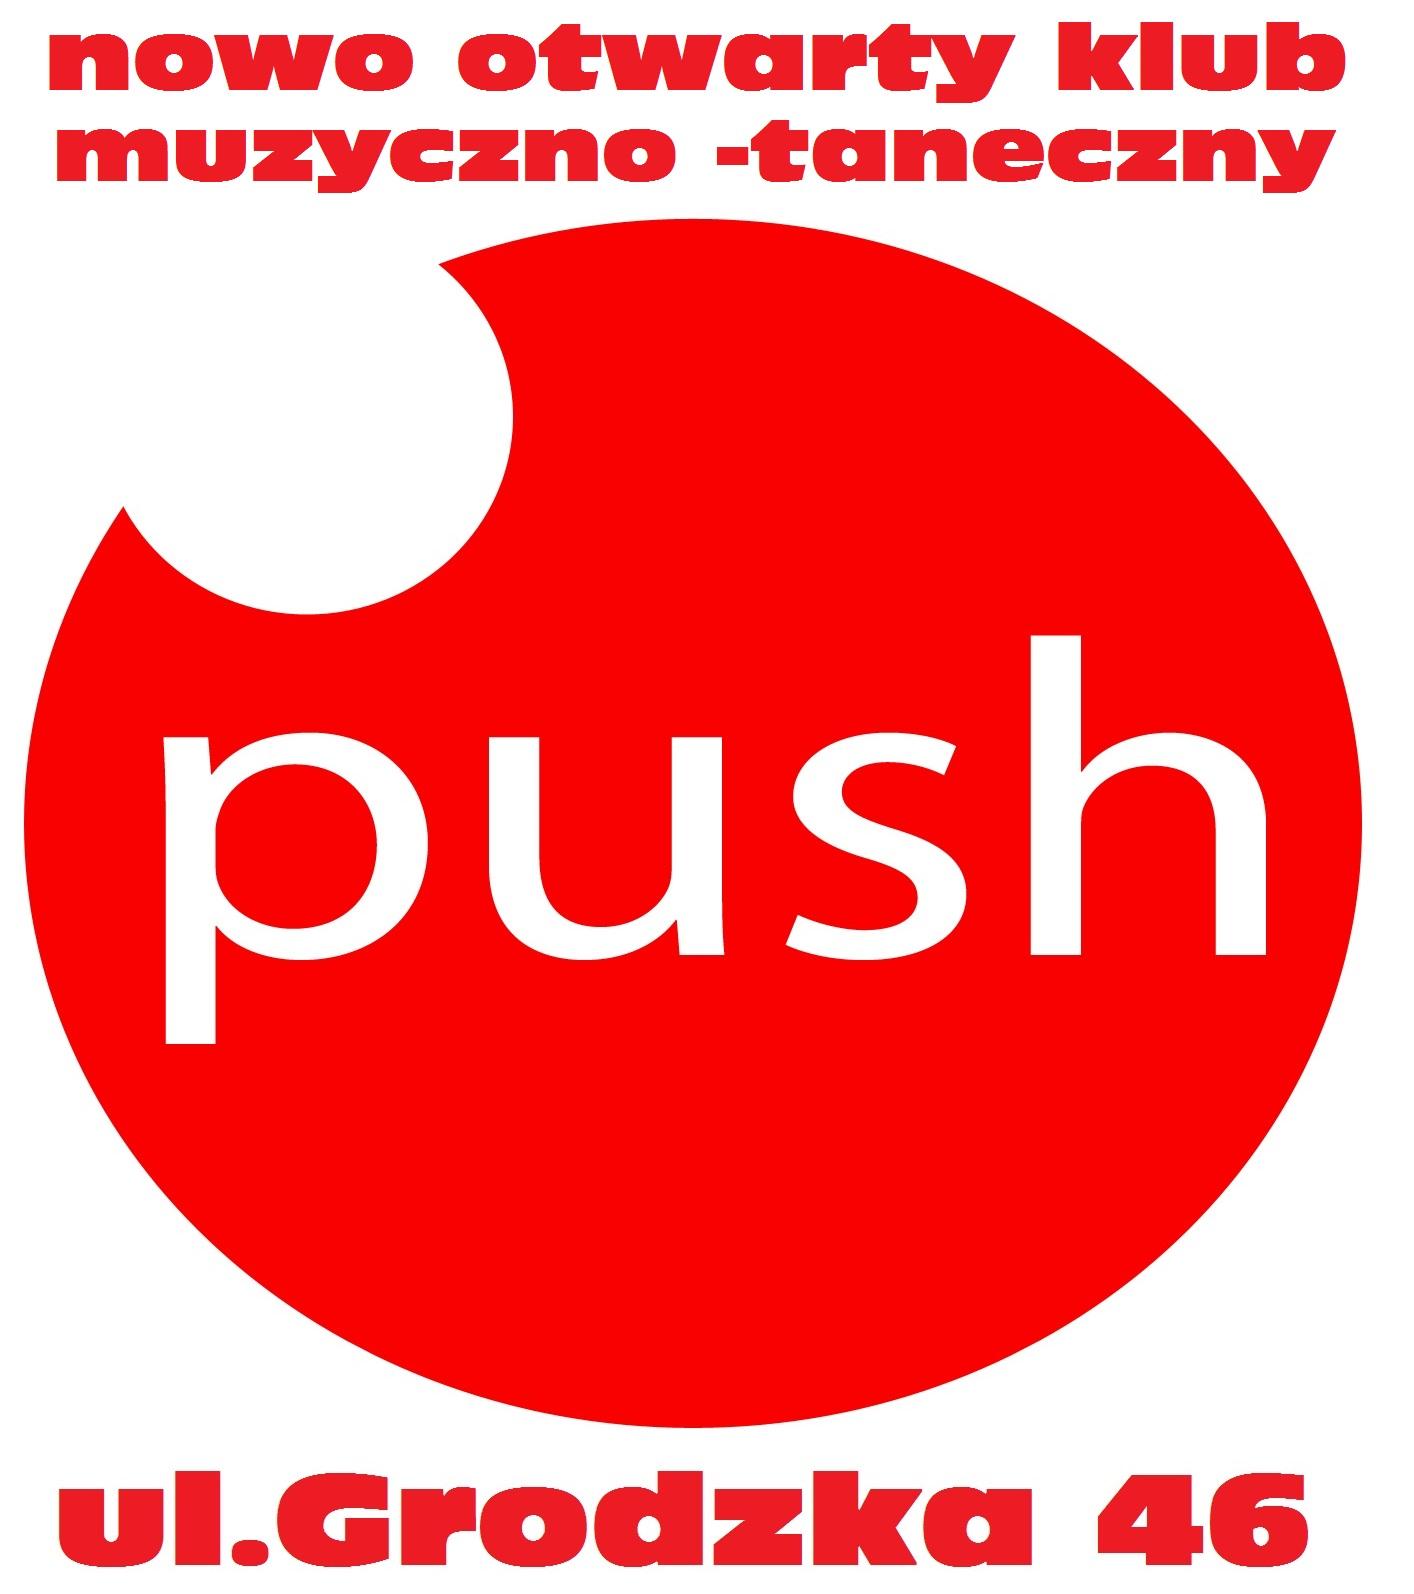 LAST MINUTE; PUSH DISCO